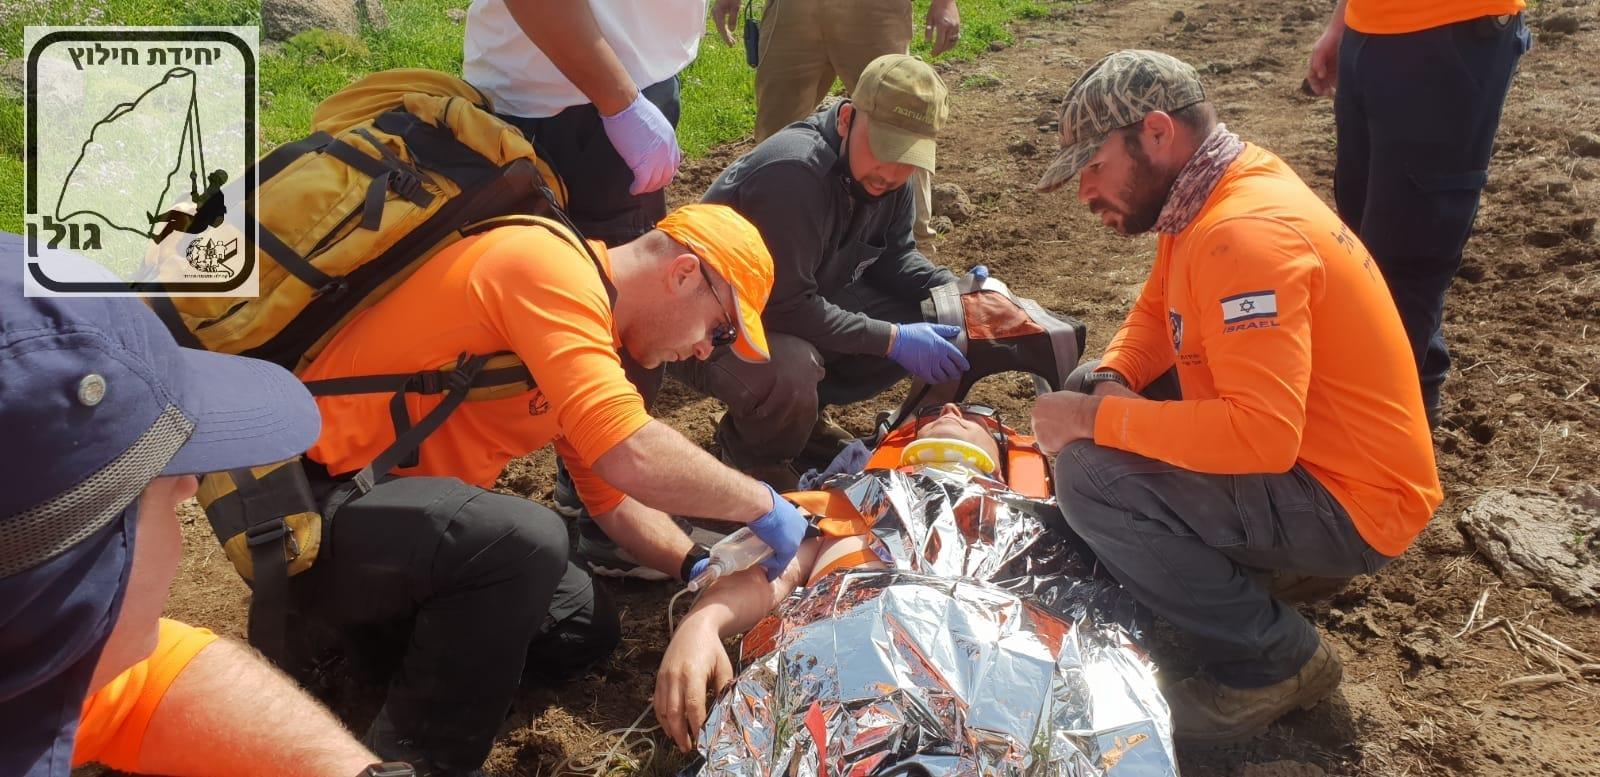 יחידת חילוץ גולן חילצו תושב רמת הגולן שנפל מסוס ברמת הגולן